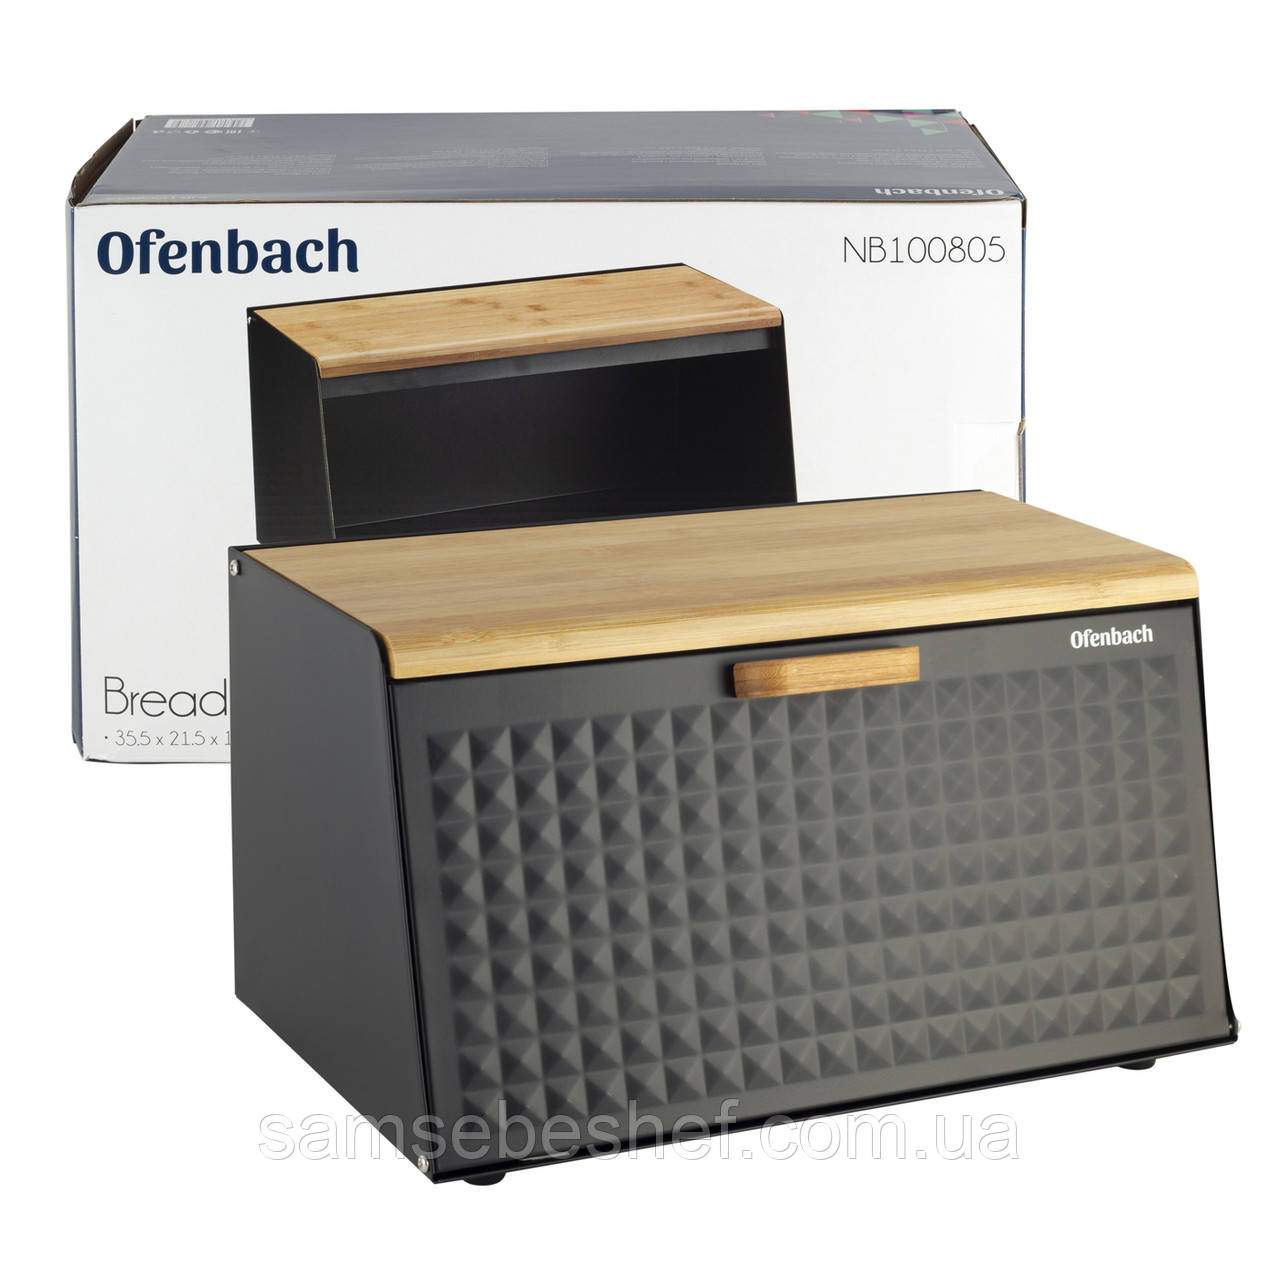 Хлібниця Ofenbach Чорний 35,5х21,5х19,5см з нержавіючої сталі/бамбук KM-100805